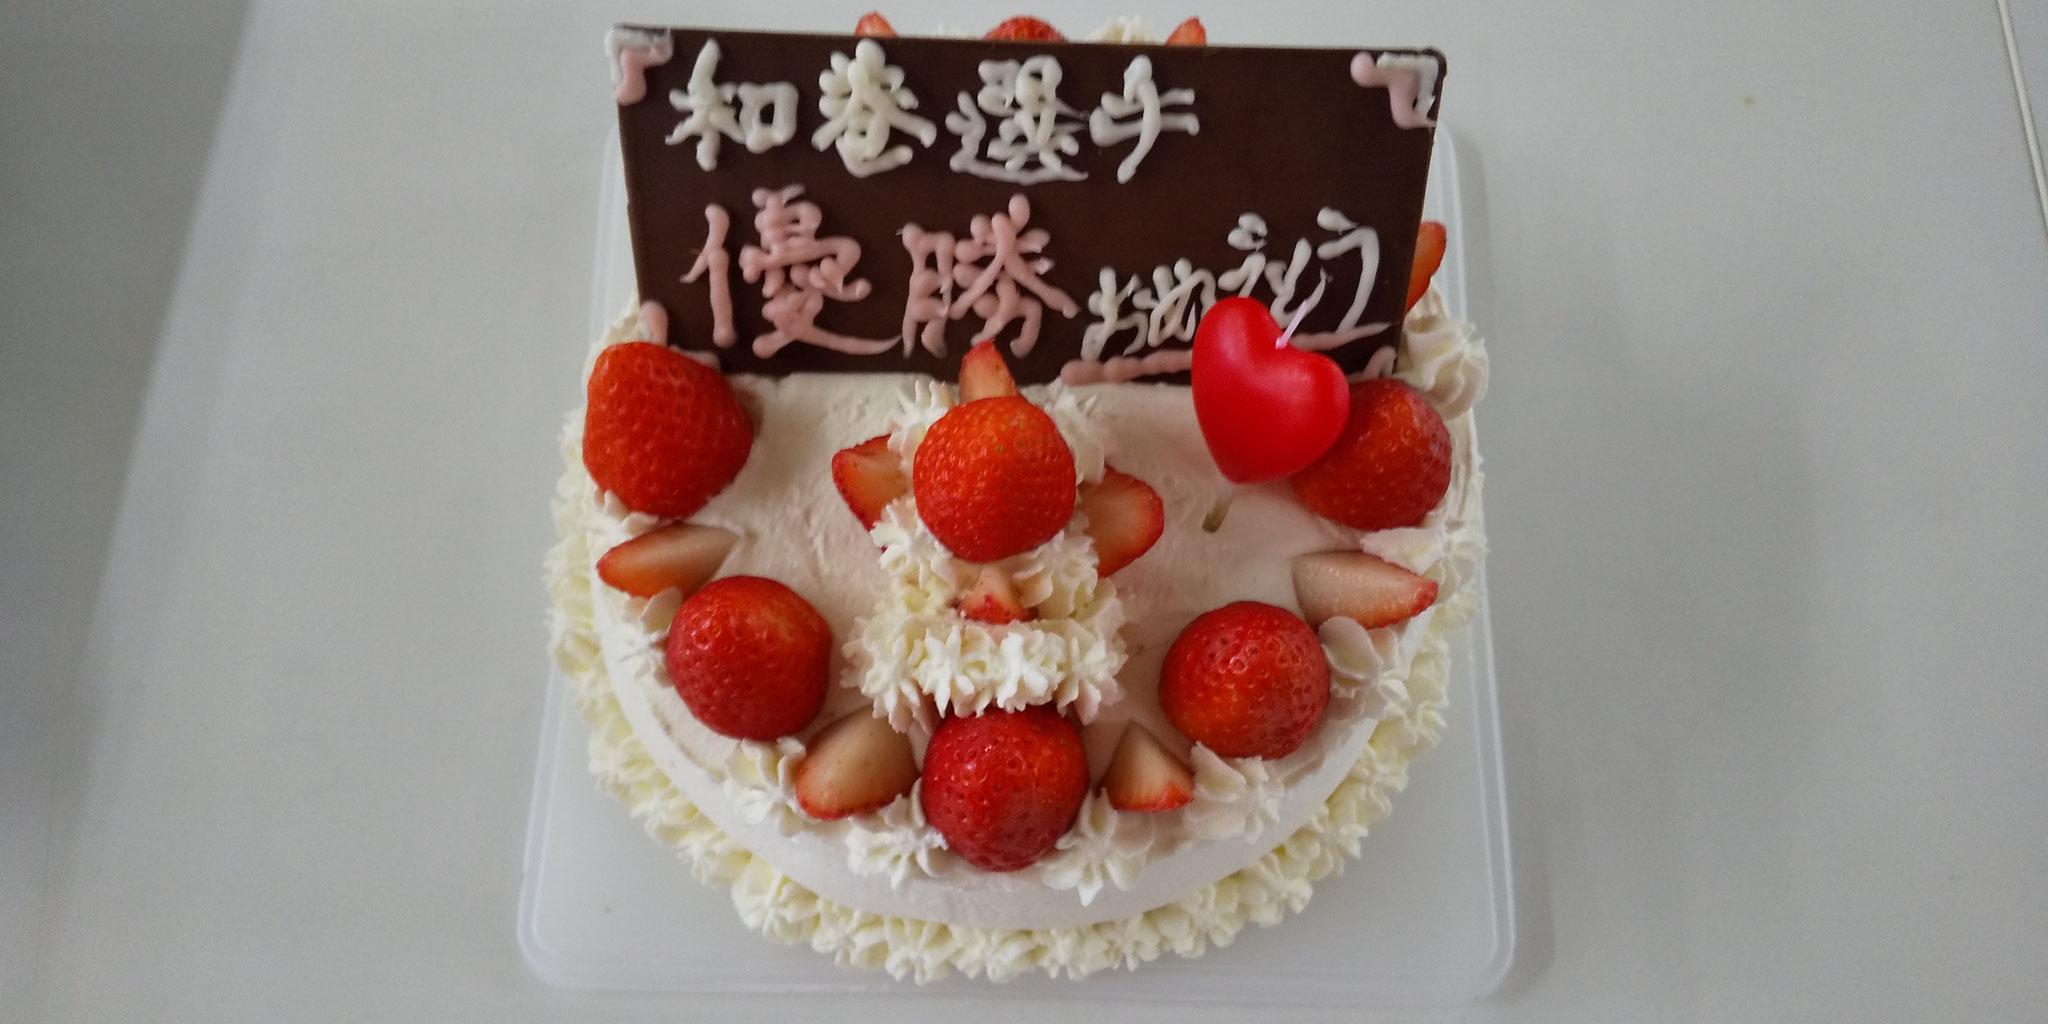 藤本さんからのスペシャルケーキ